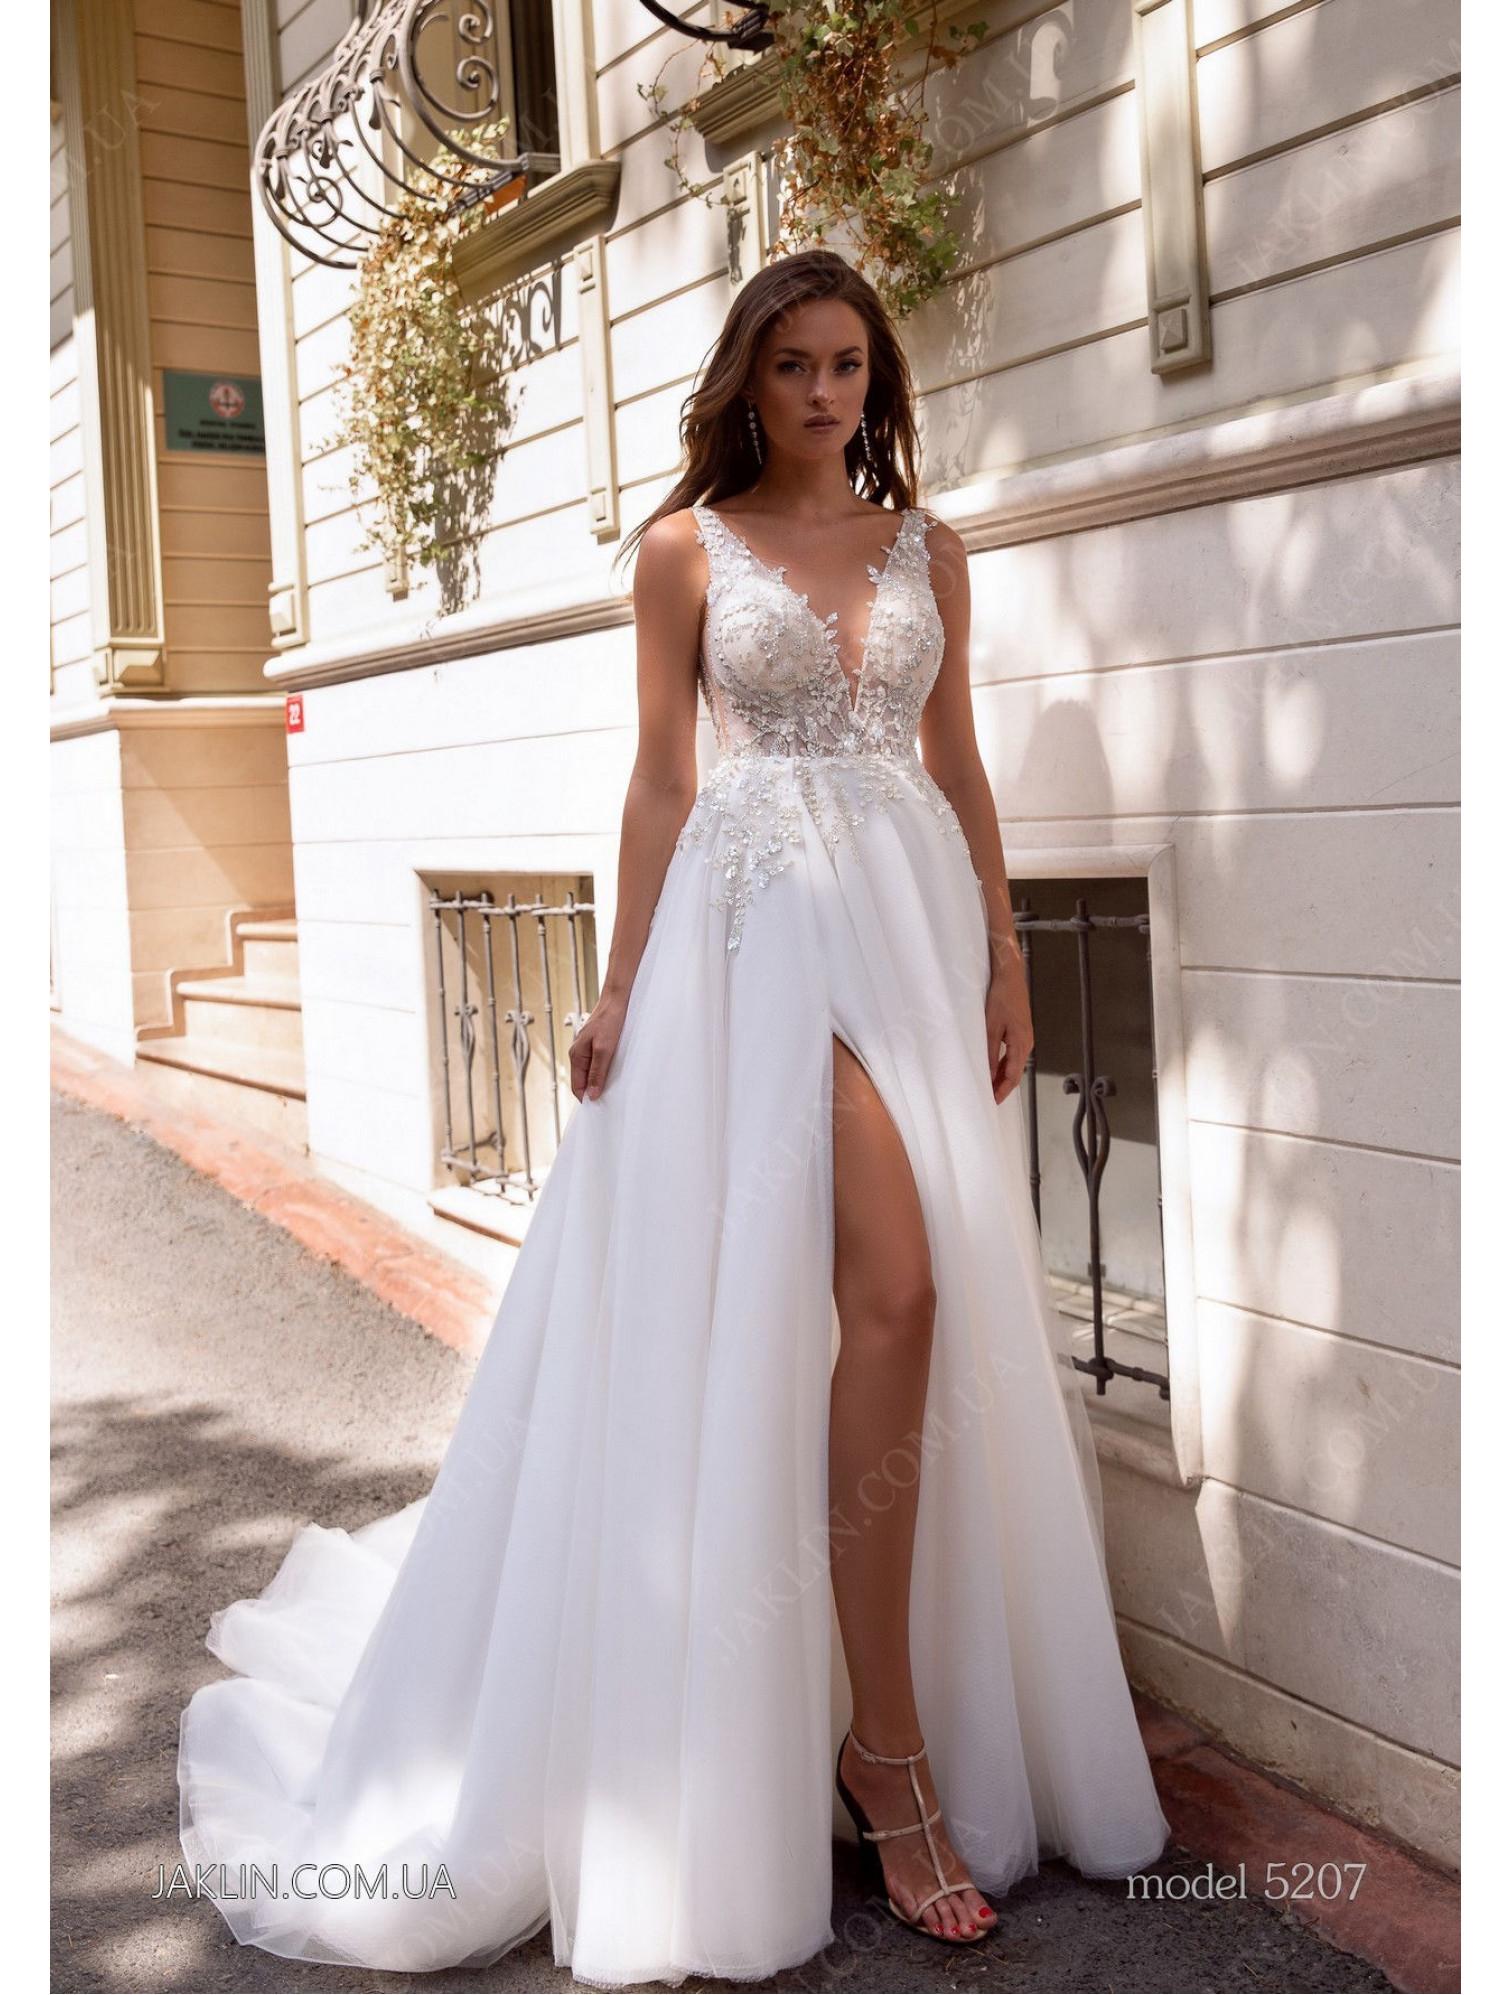 Свадебное платье 5207